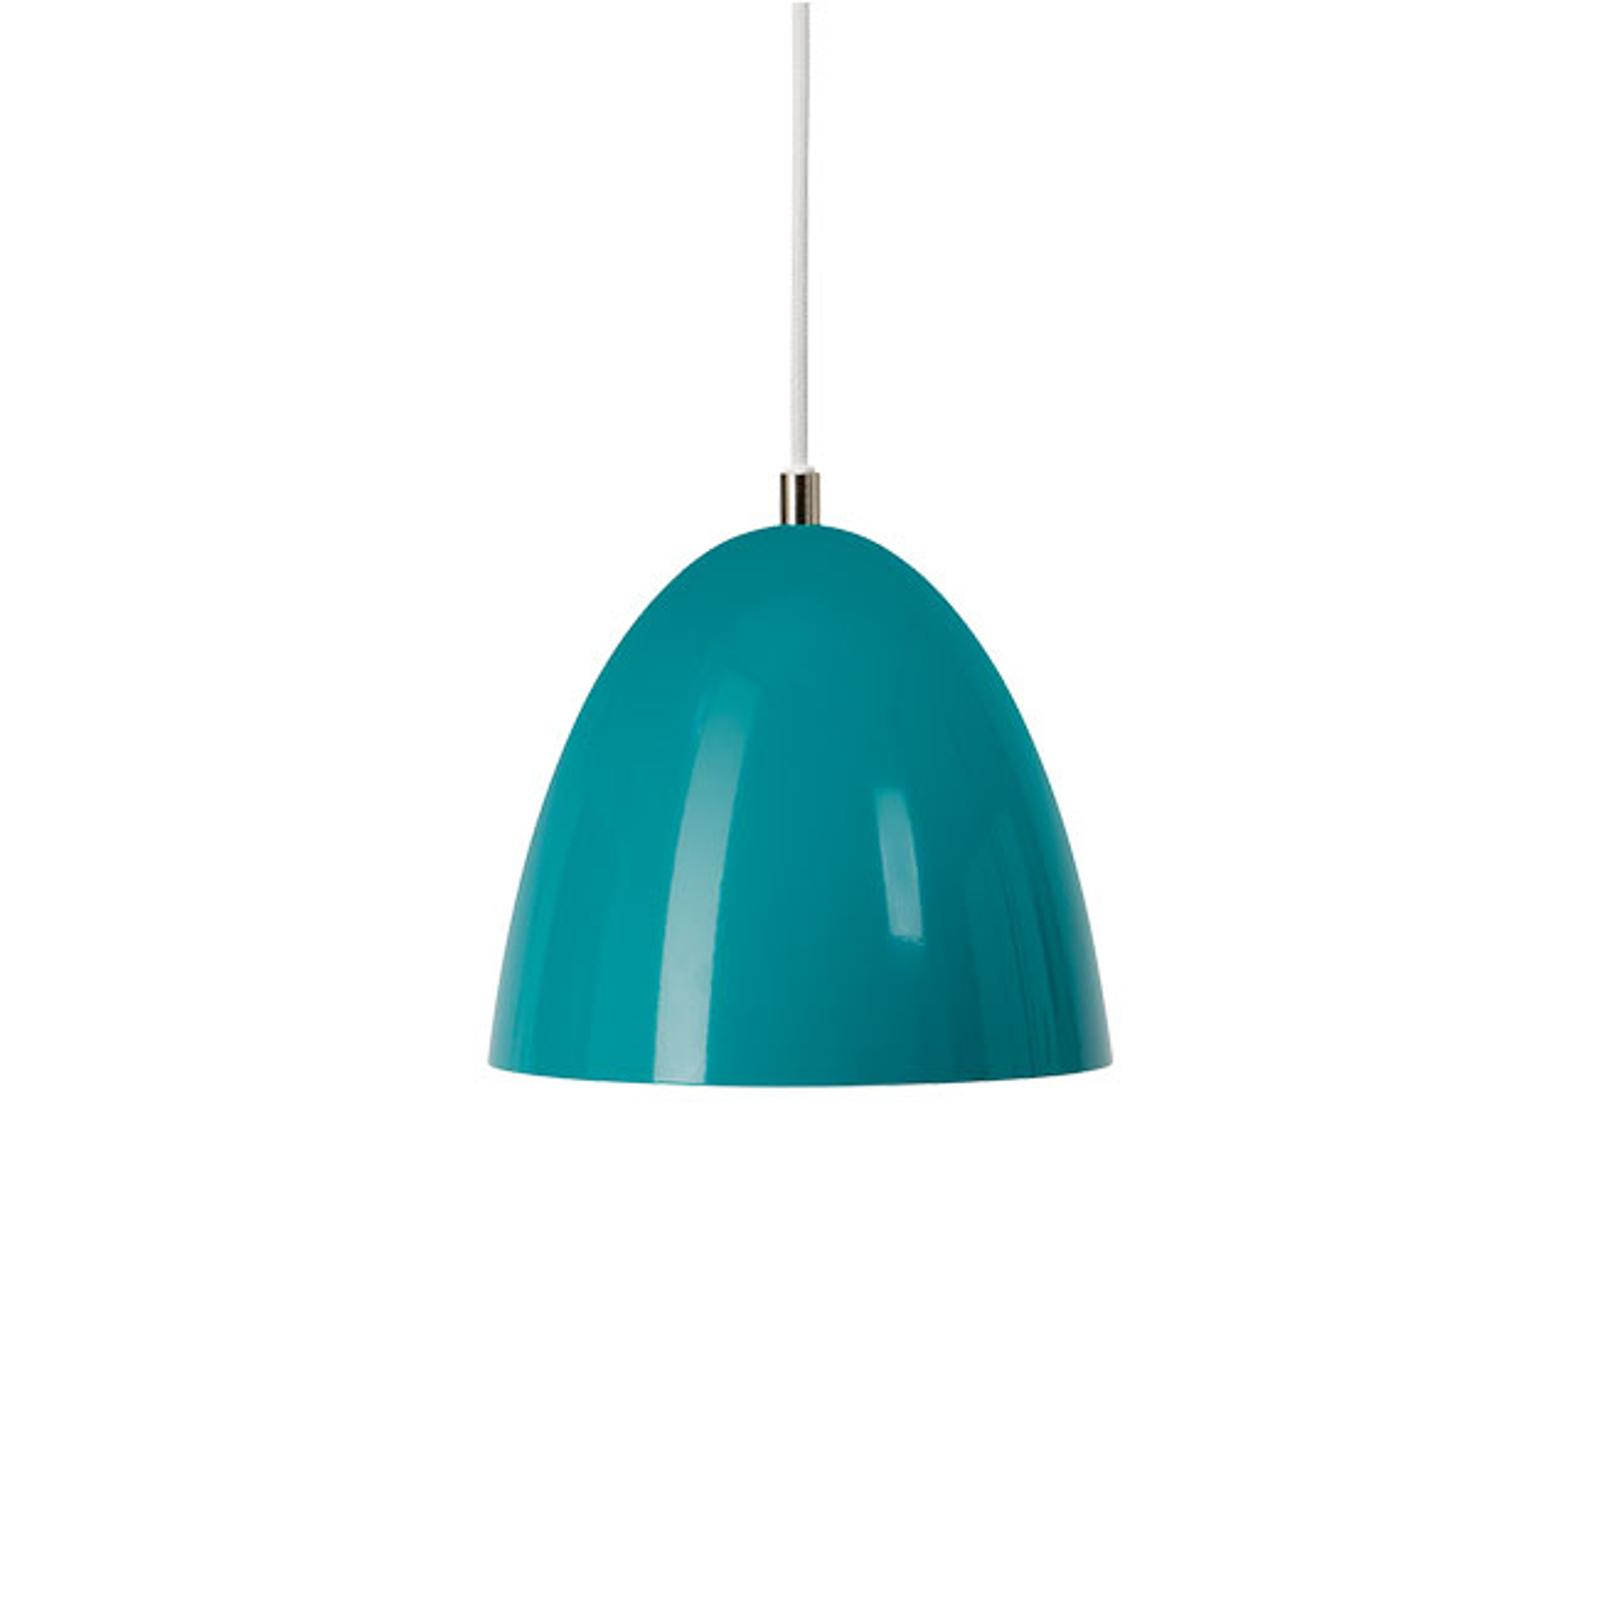 LED-Hängeleuchte Eas, Ø 24 cm, 3.000 K, türkis